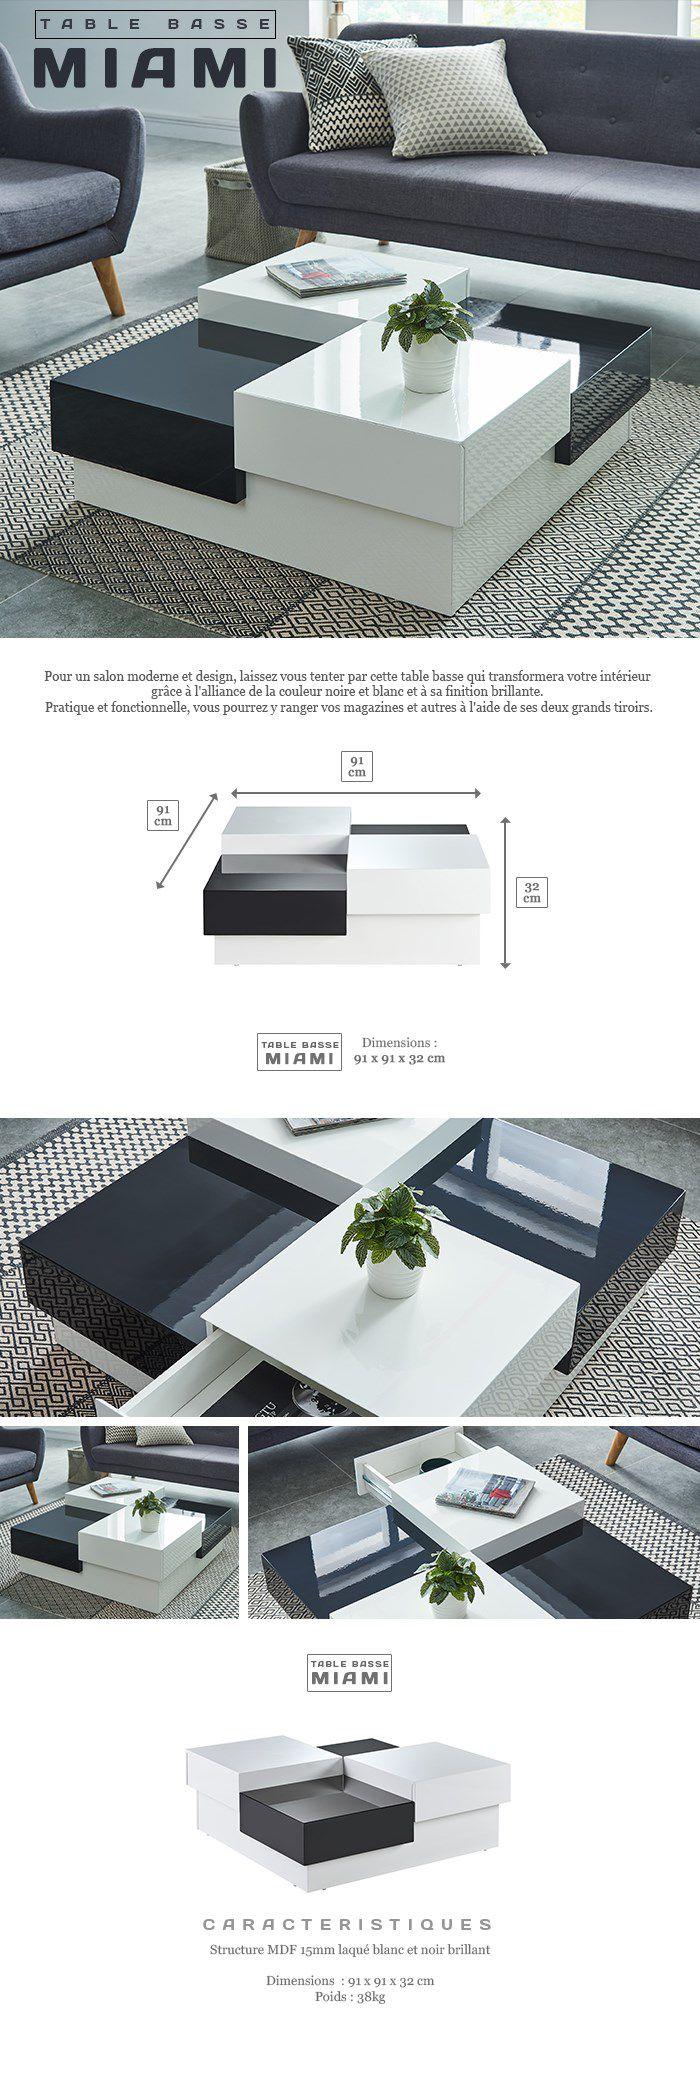 MIAMI Table basse carrée style contemporain laquée noir et blanc brillant - L 91 x l 91 cm